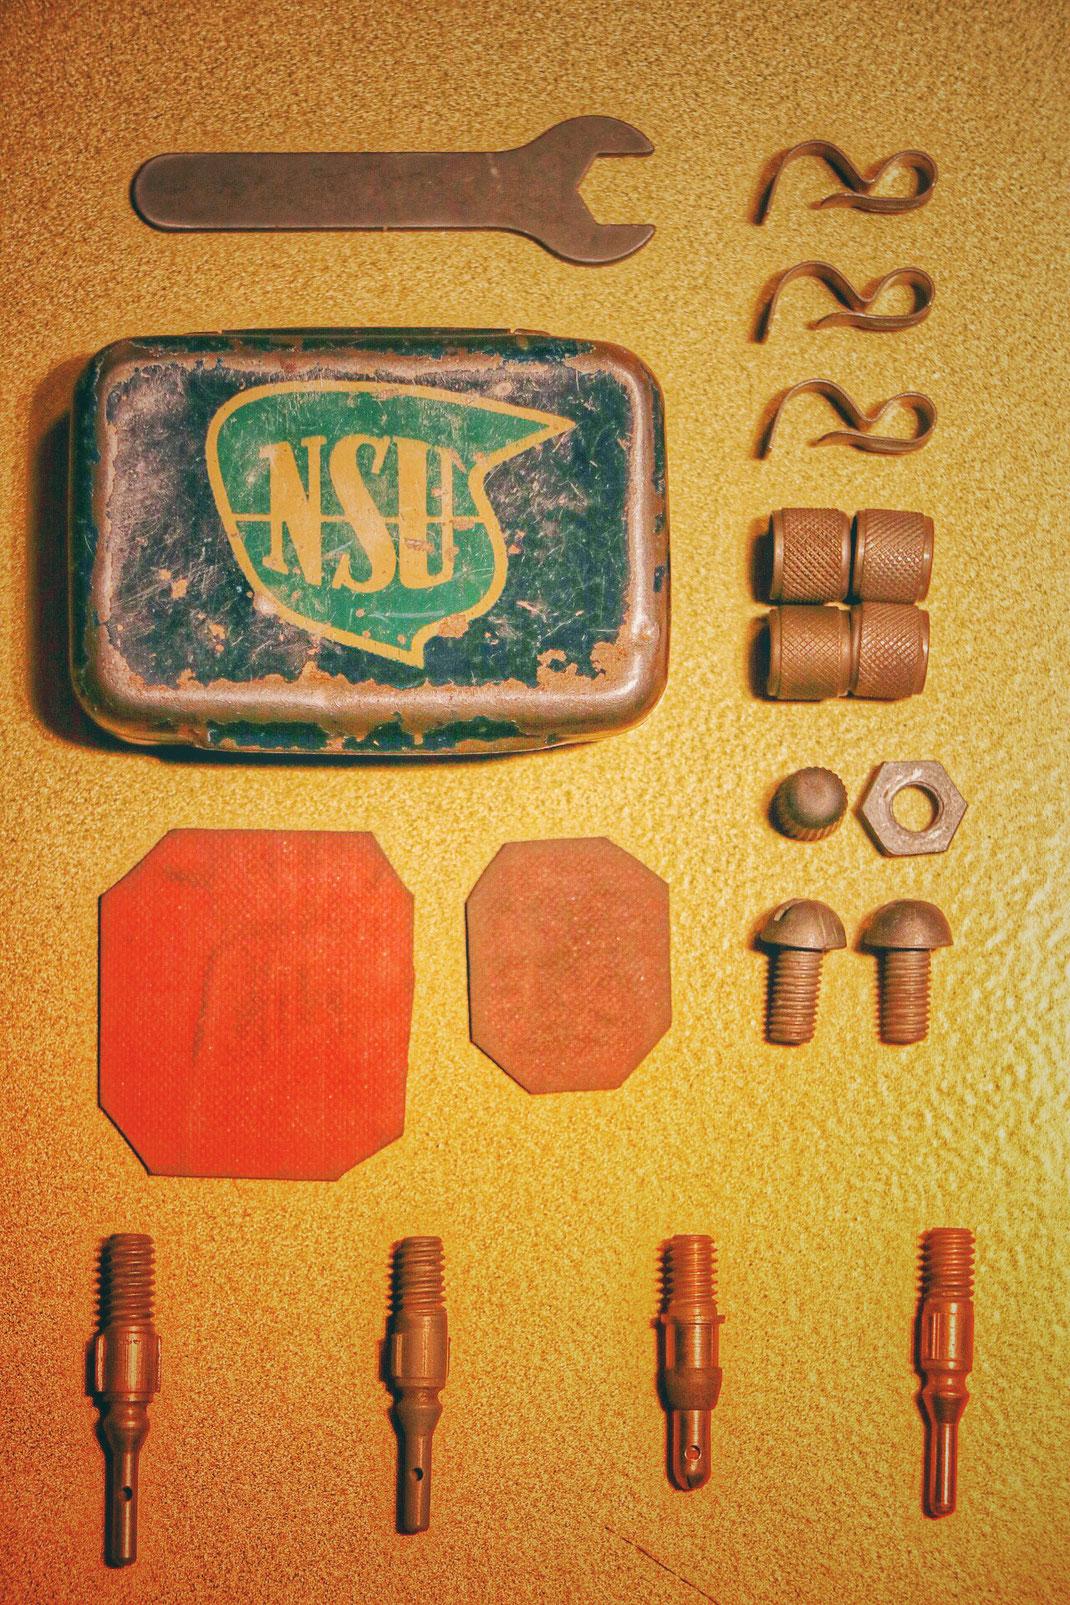 NSU Fahrraddose Pannenset mit blauem Logo mit Ventilen, Schrauben, Flickzeug und Werkzeug. Collage Gallery Vintage Interior & Classic Design Speyer